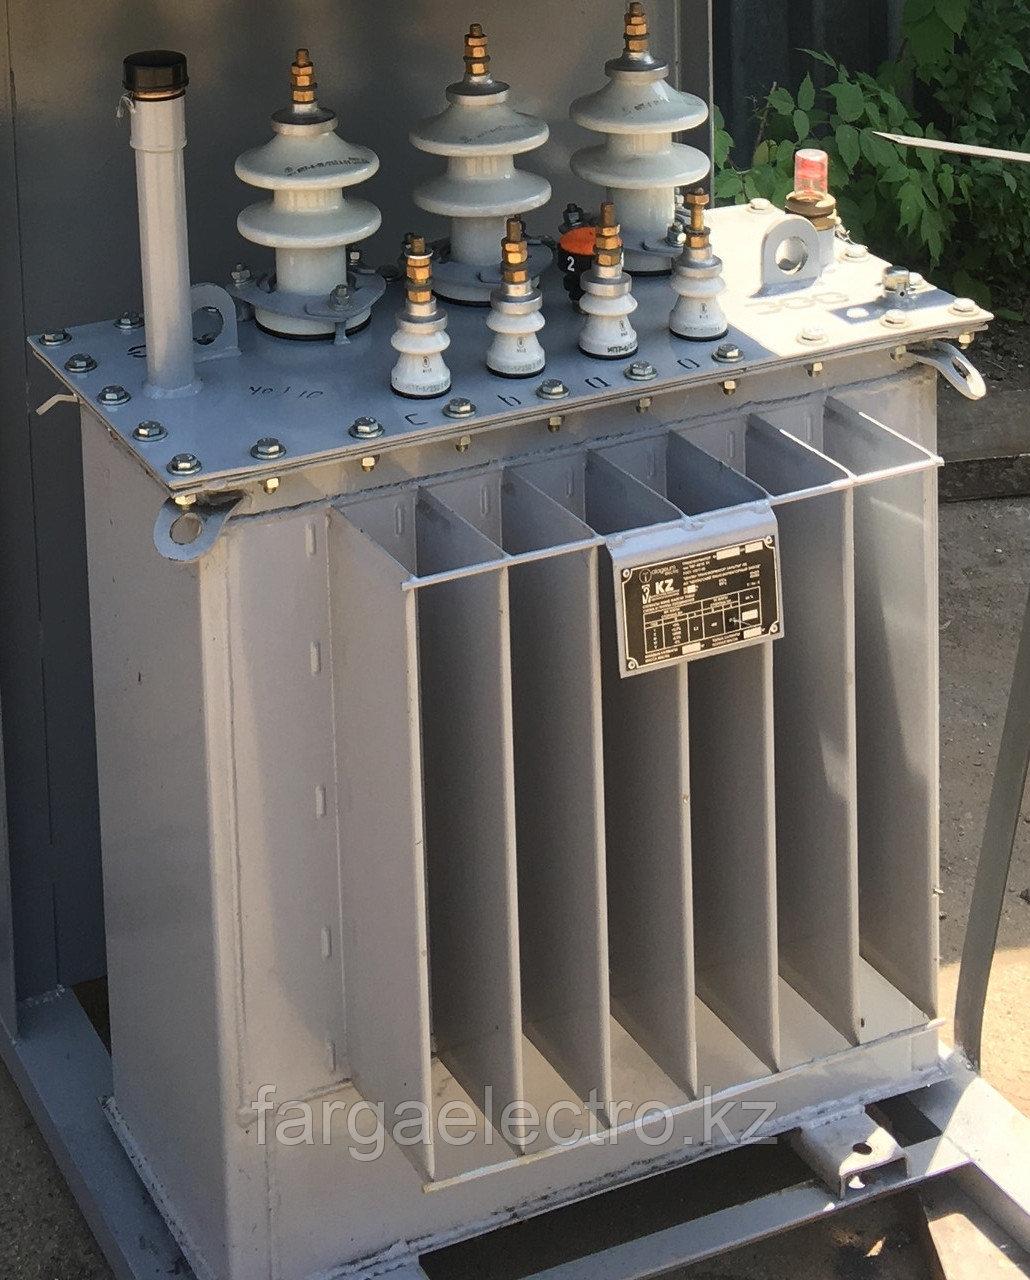 ТМГ 160/6(10)-0,4 У1; Трансформатор силовой, масленный трехфазный, мощность 100 кВА